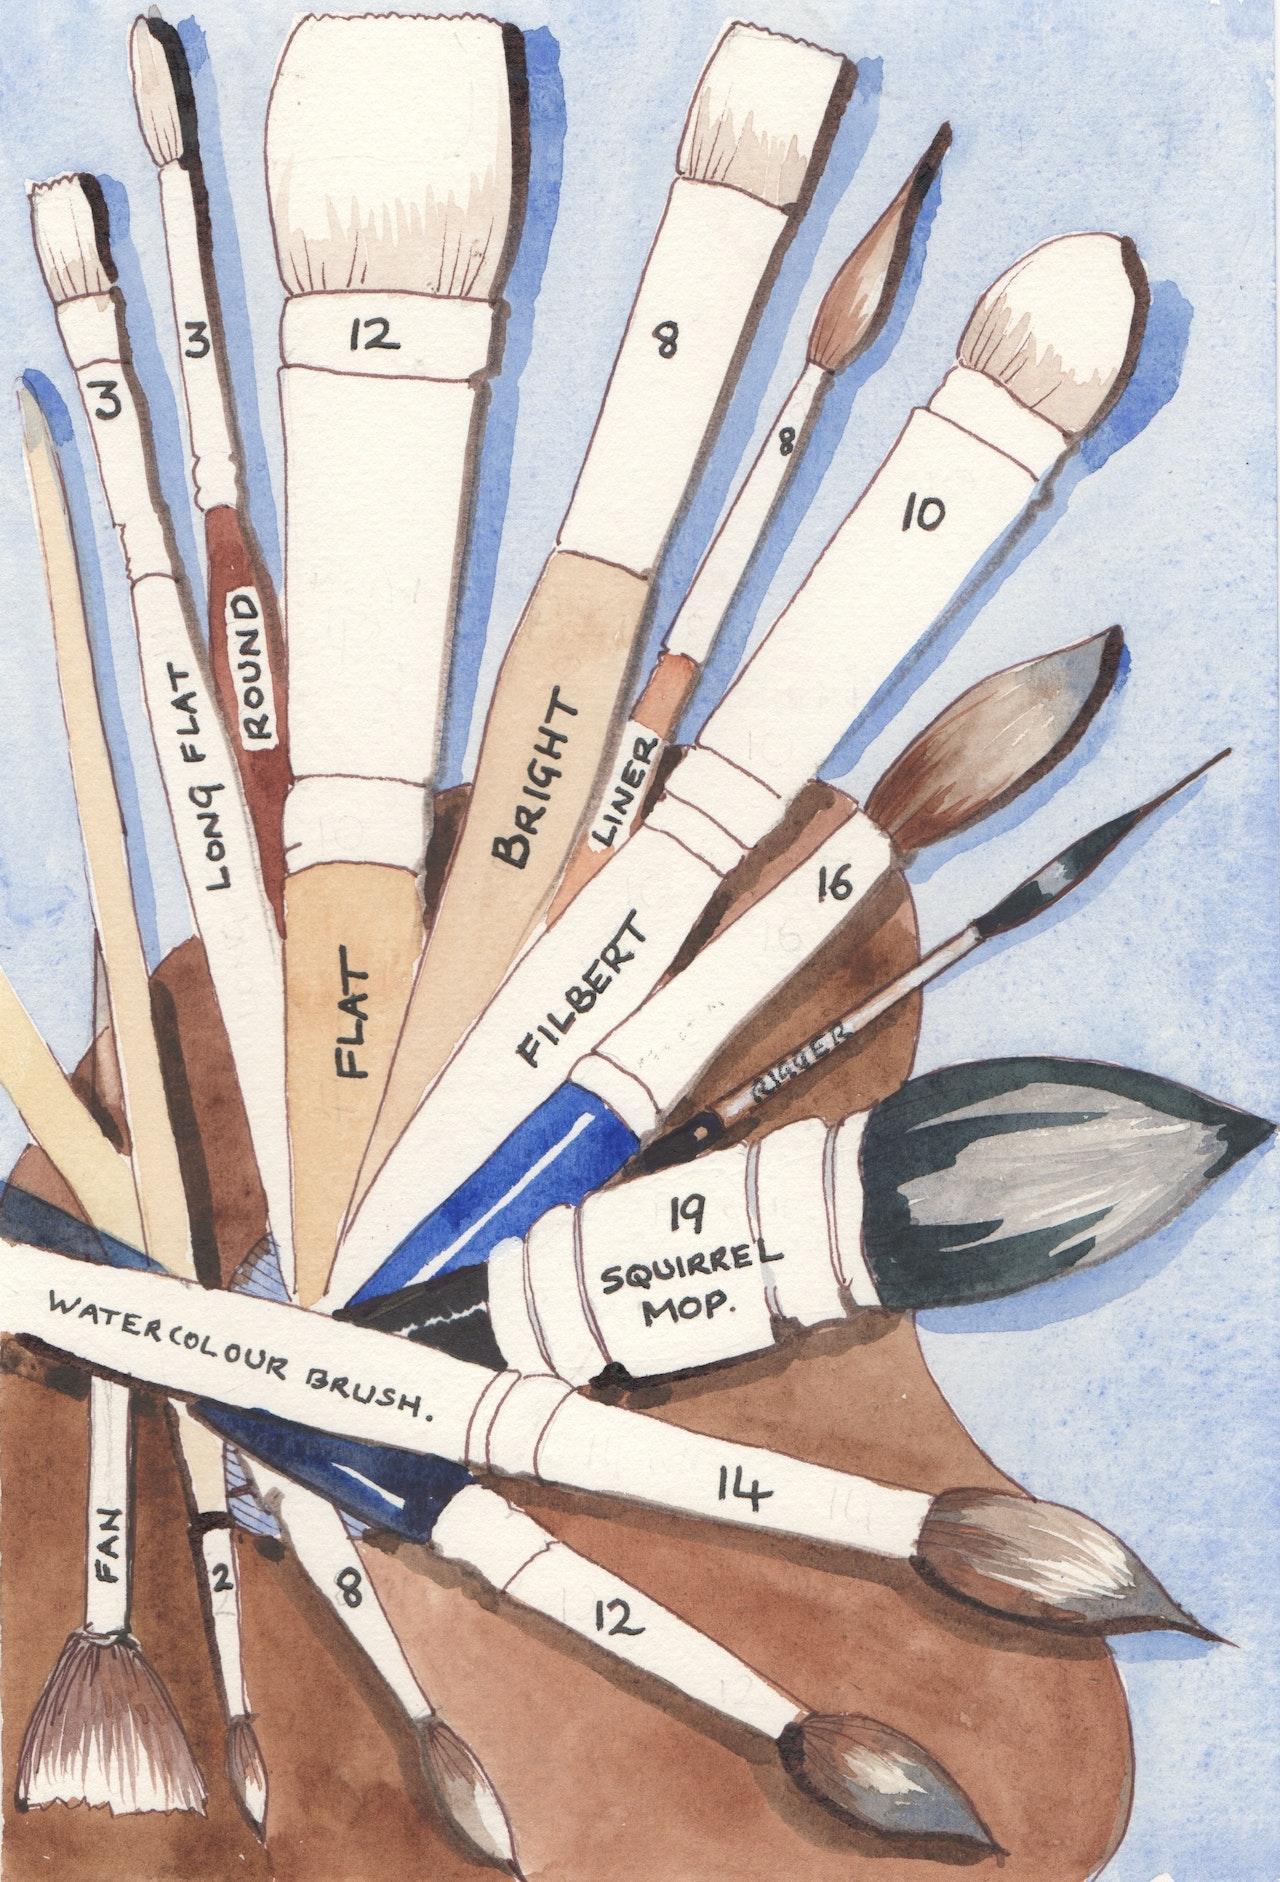 4 Brush chart